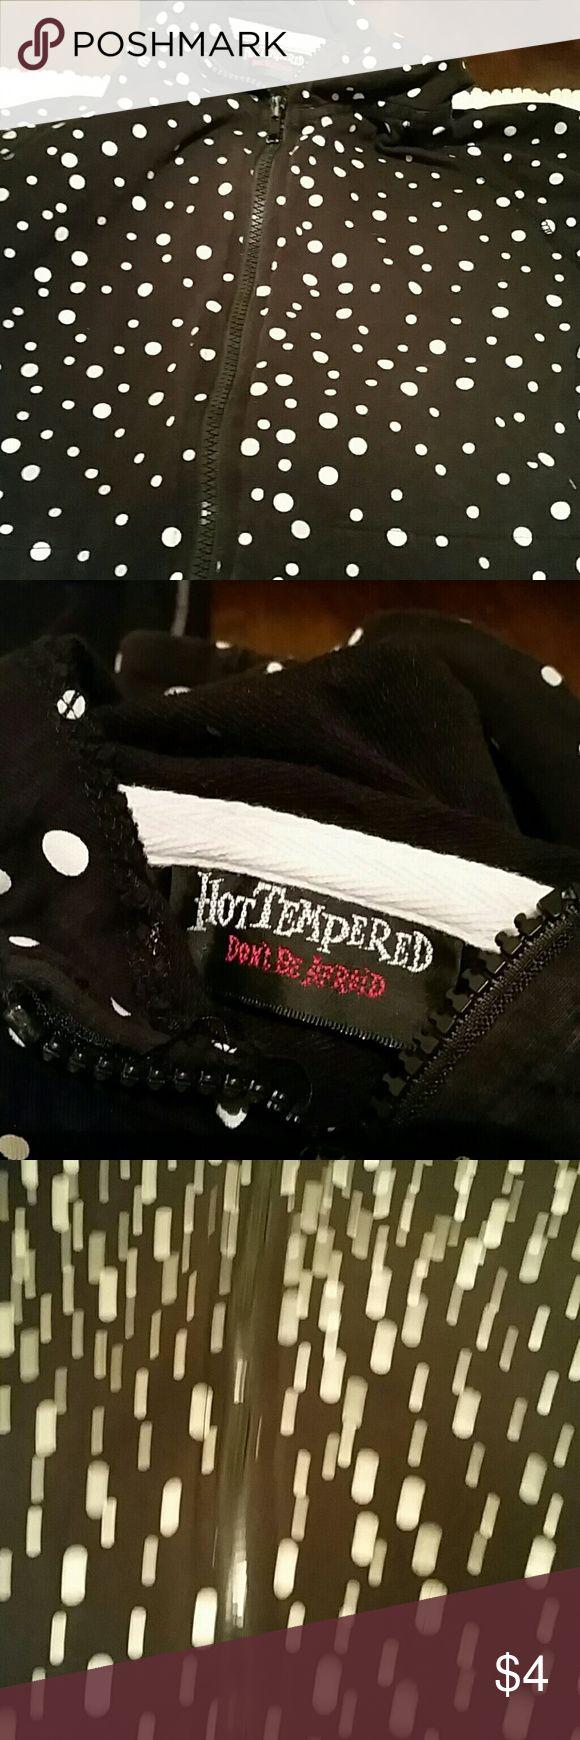 Women's hoodie Gently used polka dot hoodie no stains holes long sleeve Hot Tempered Tops Sweatshirts & Hoodies